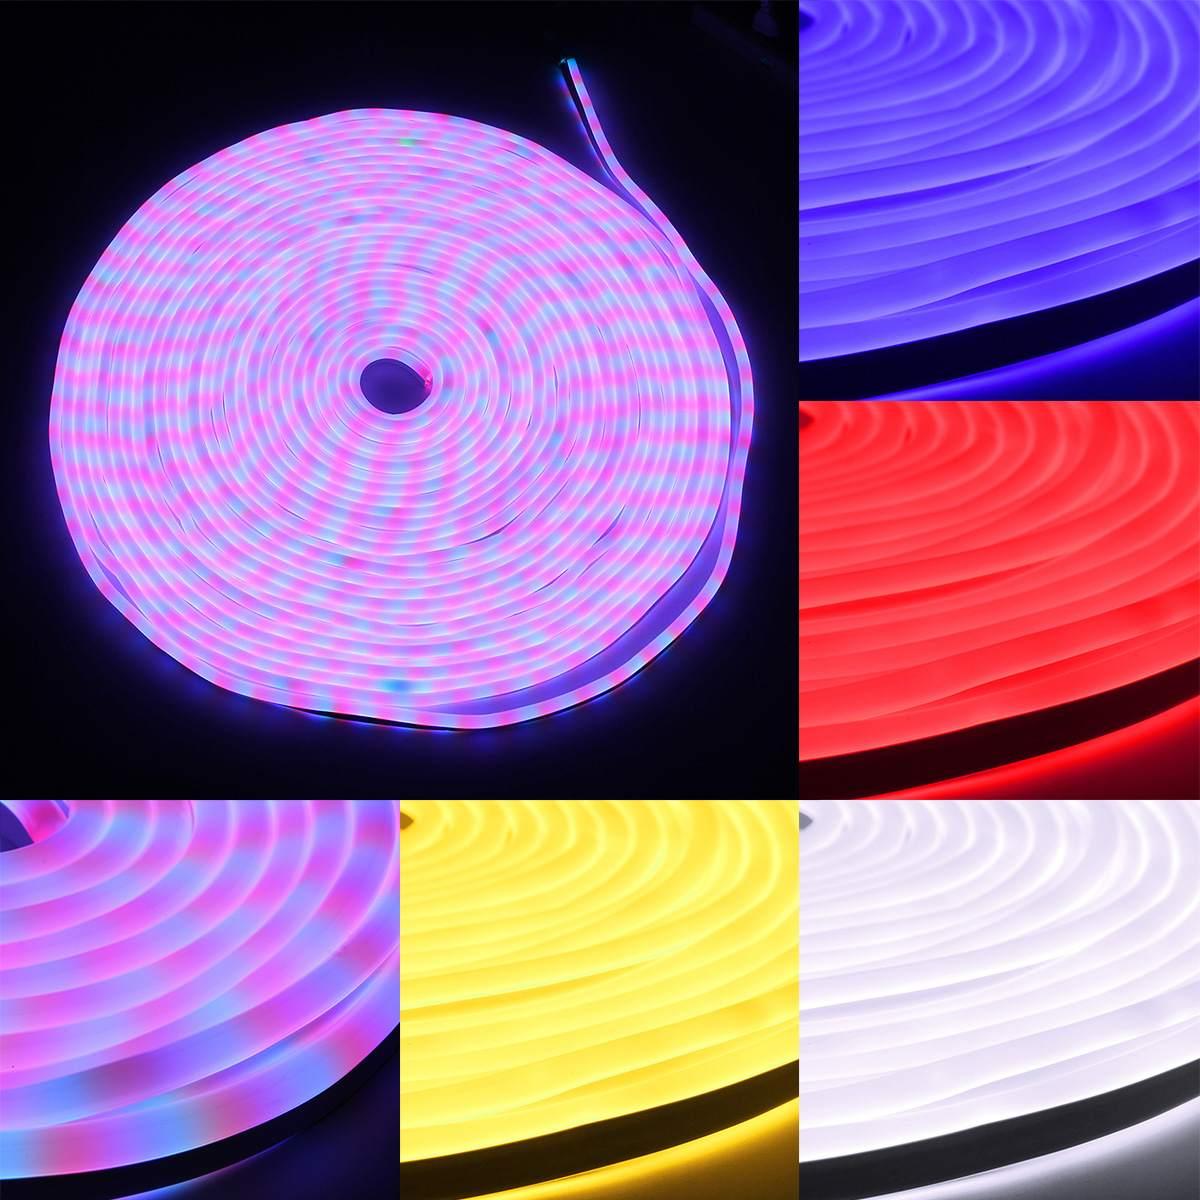 Светодиодные полосы света 110 V SMD2835 30 м Водонепроницаемый гибкие фея освещения с Мощность Plug уличные праздничные украшения неоновые огни